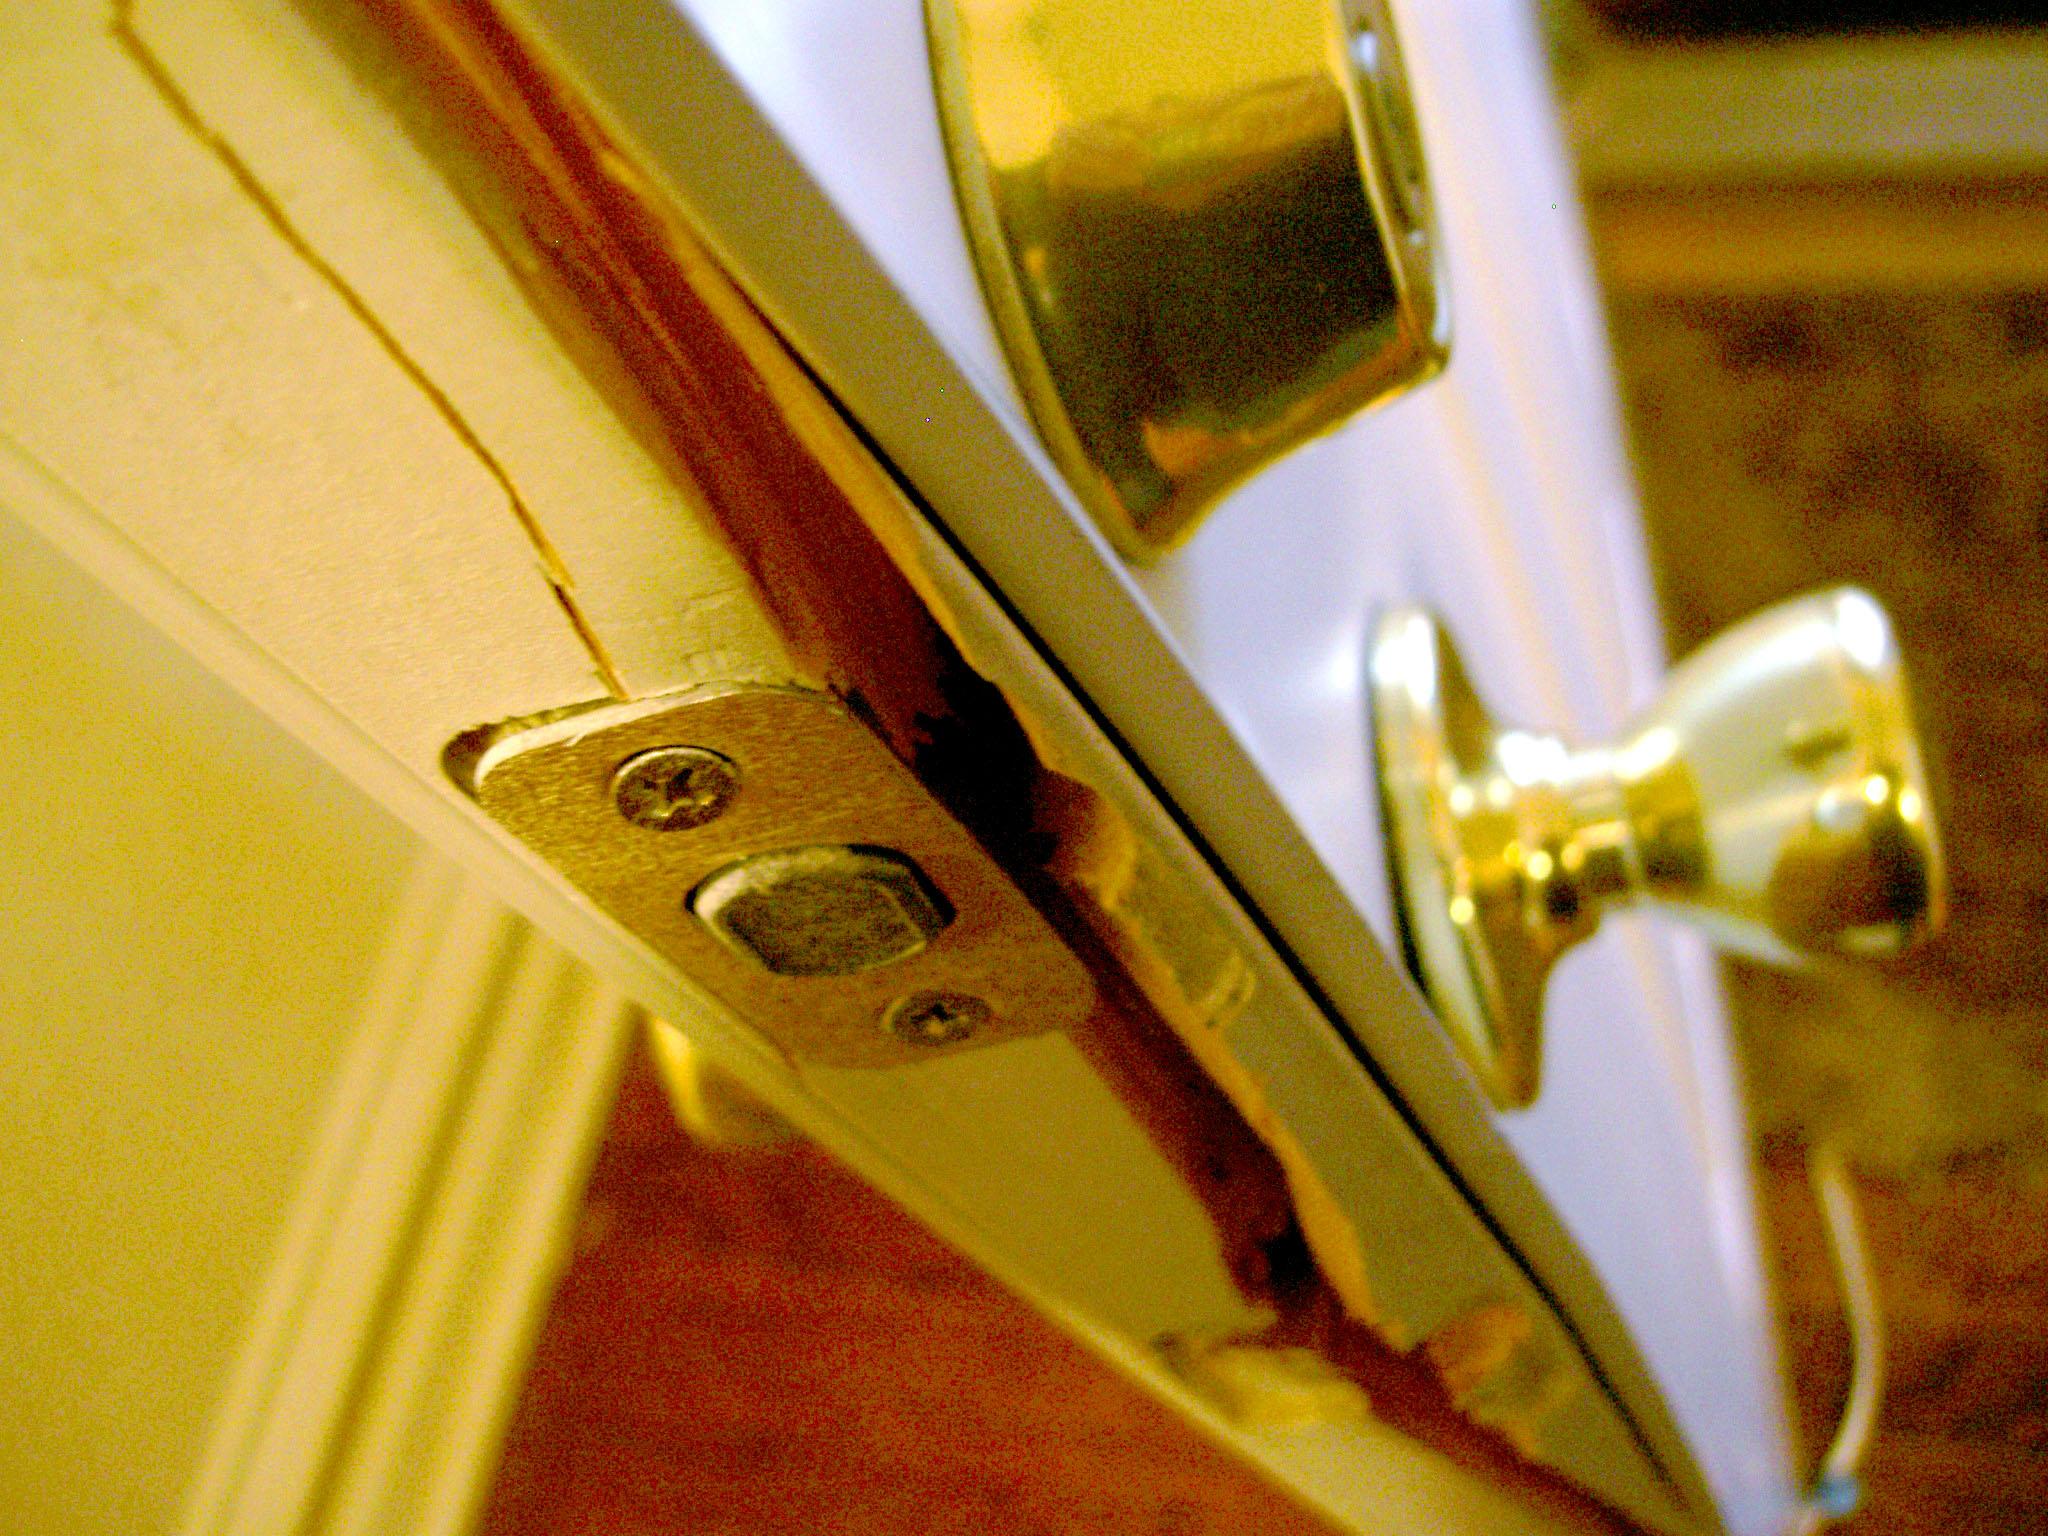 Broken entry door